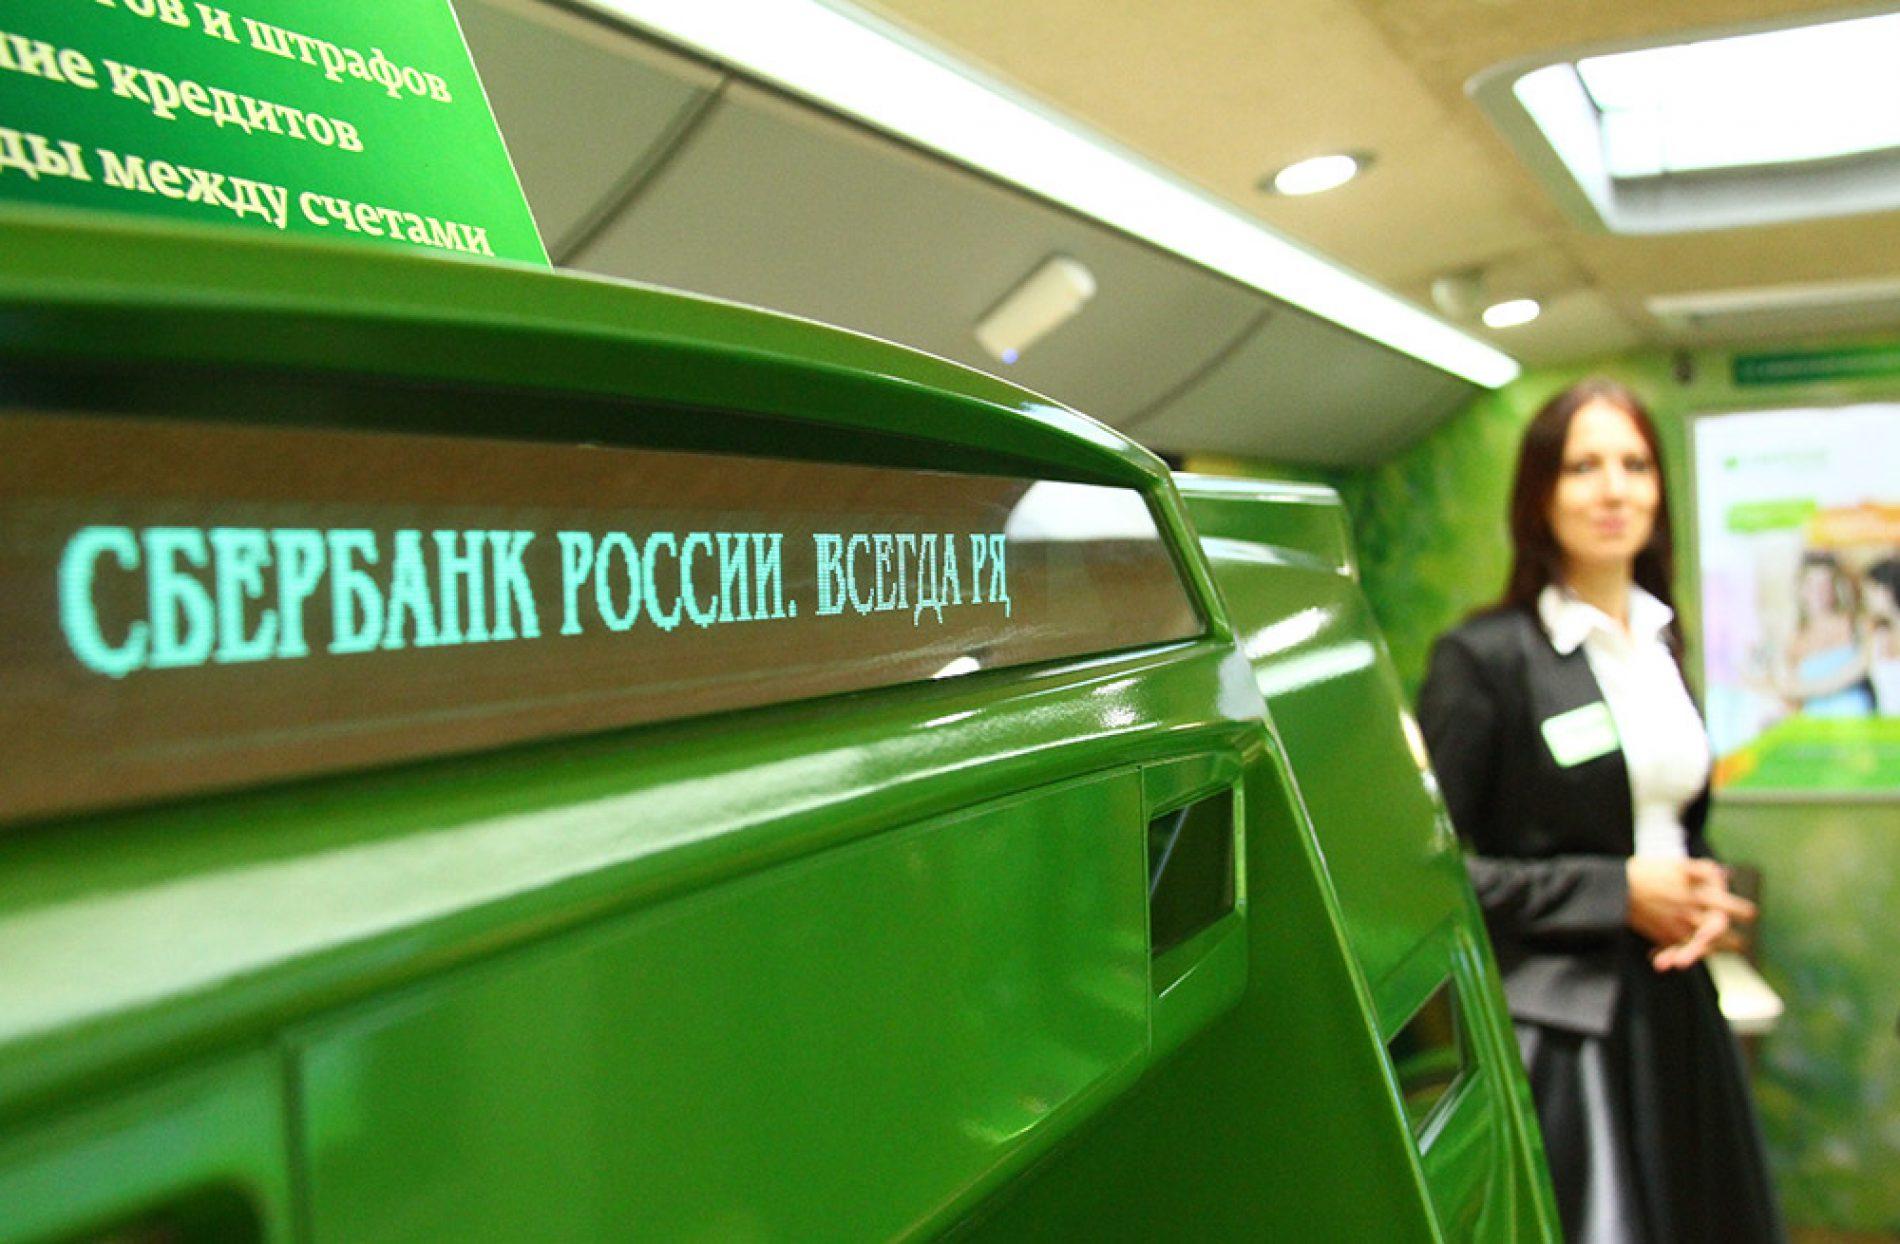 Сбербанк россии взять потребительский кредит warface читы на деньги кредиты варбаксы